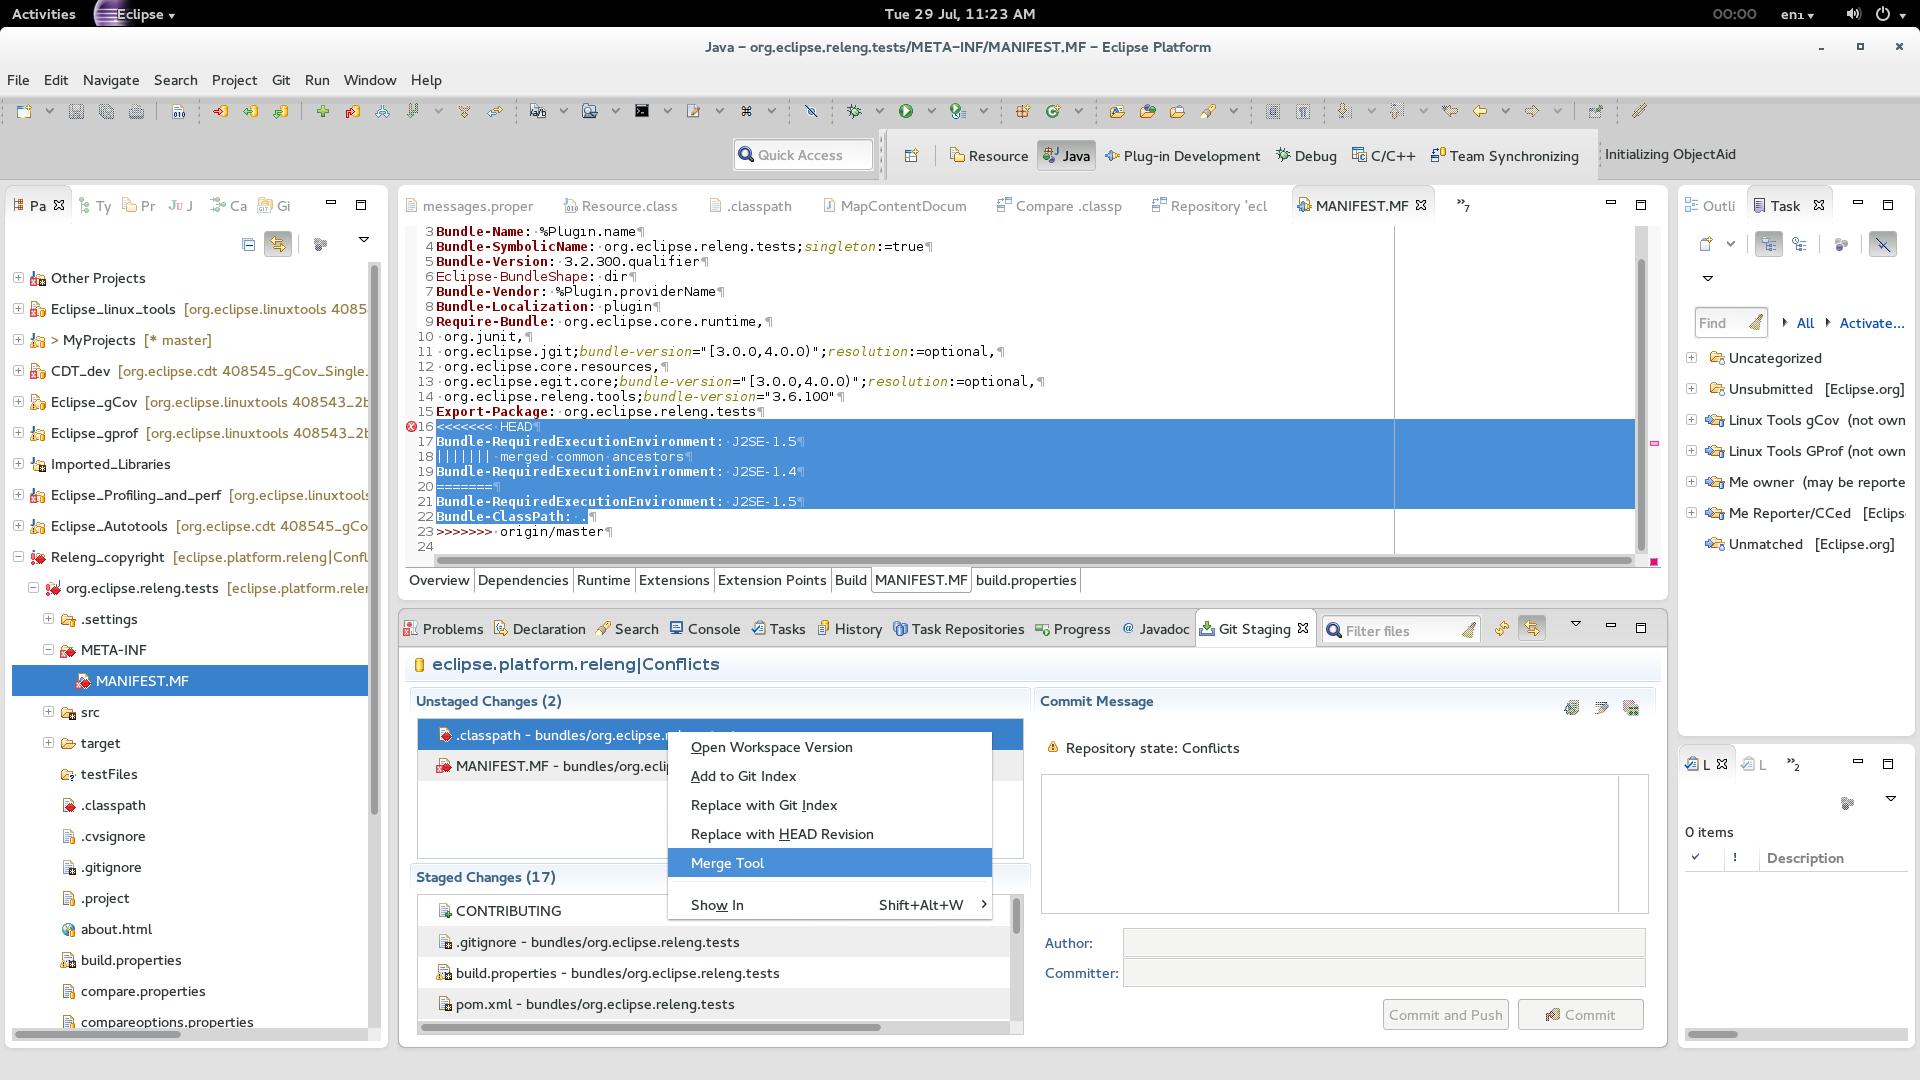 Git merge tool